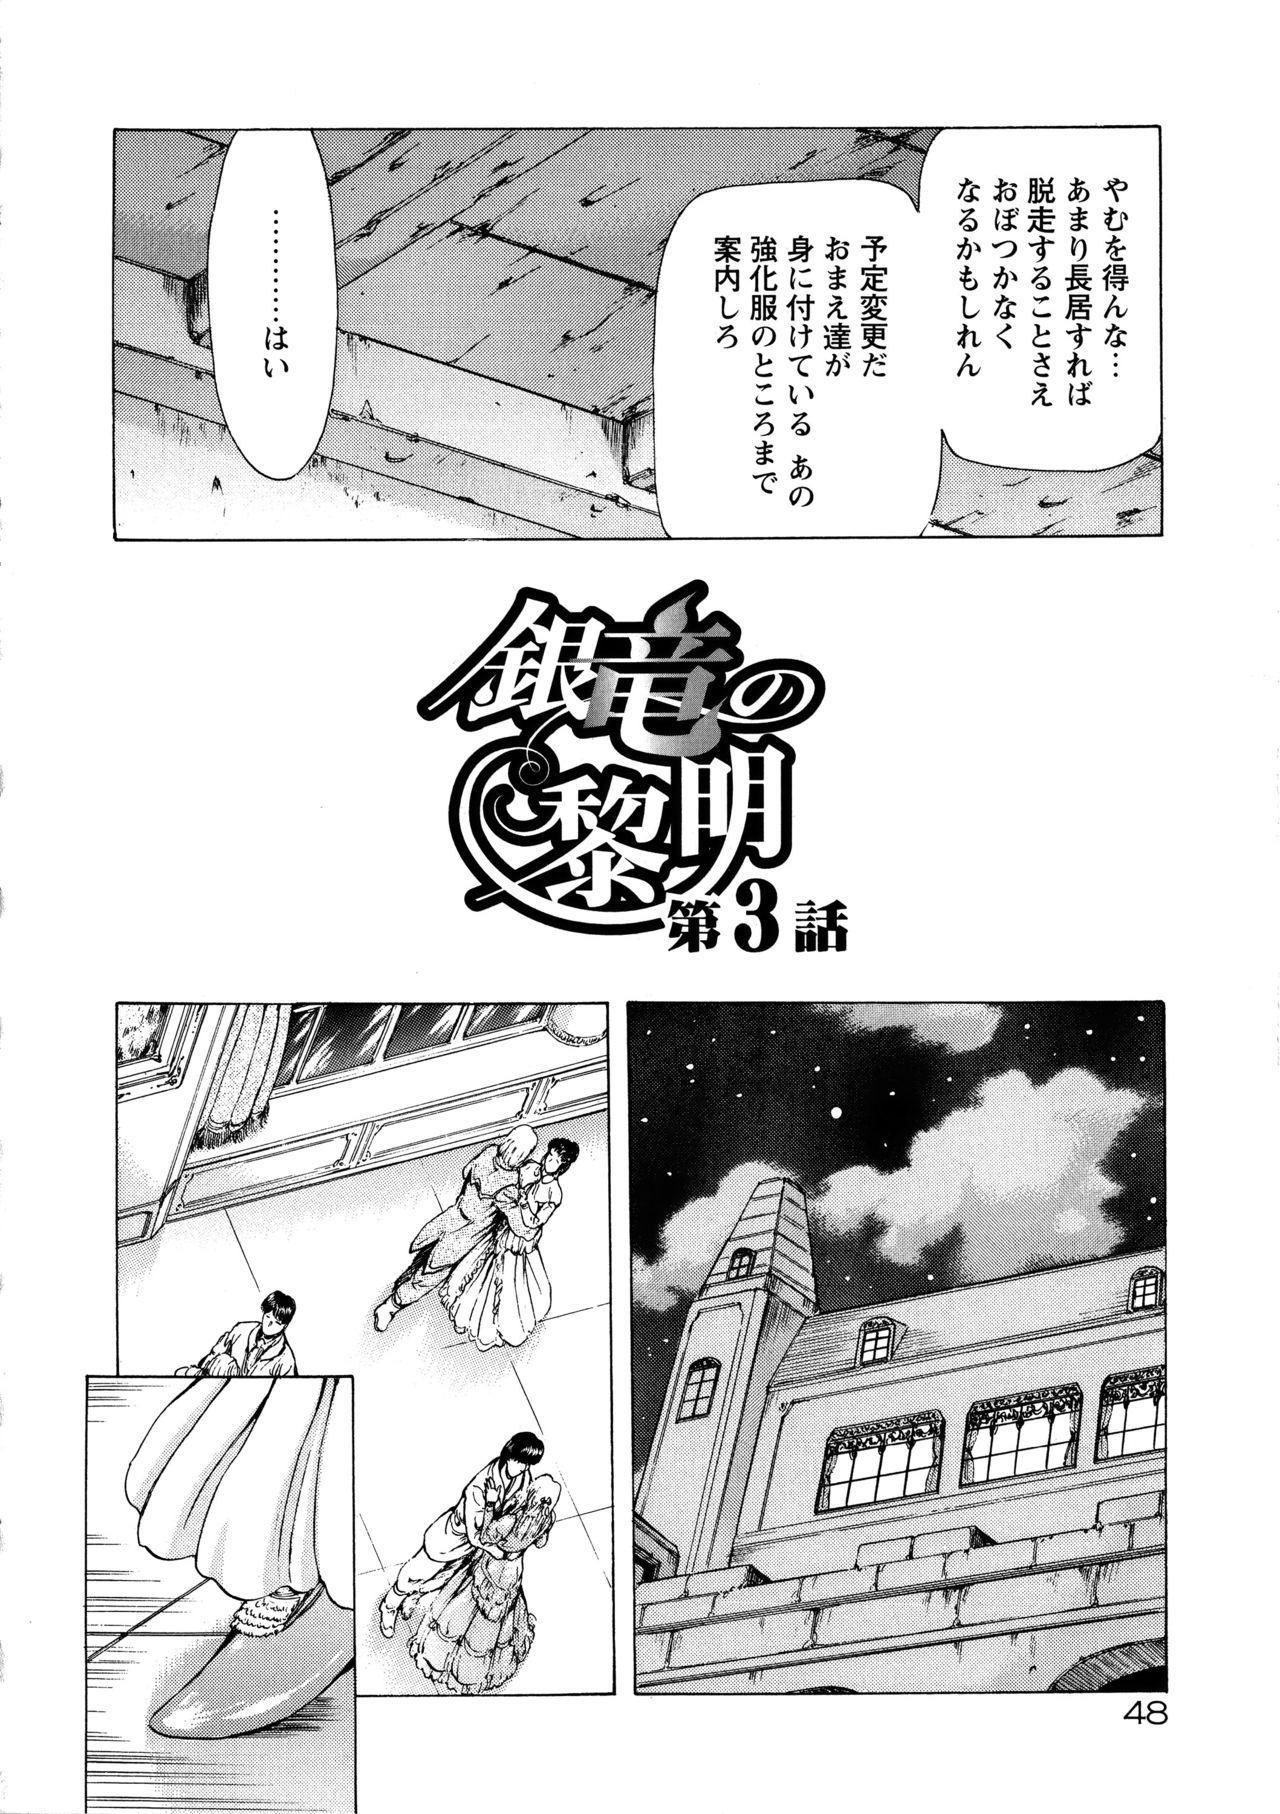 Ginryuu no Reimei Vol. 1 55